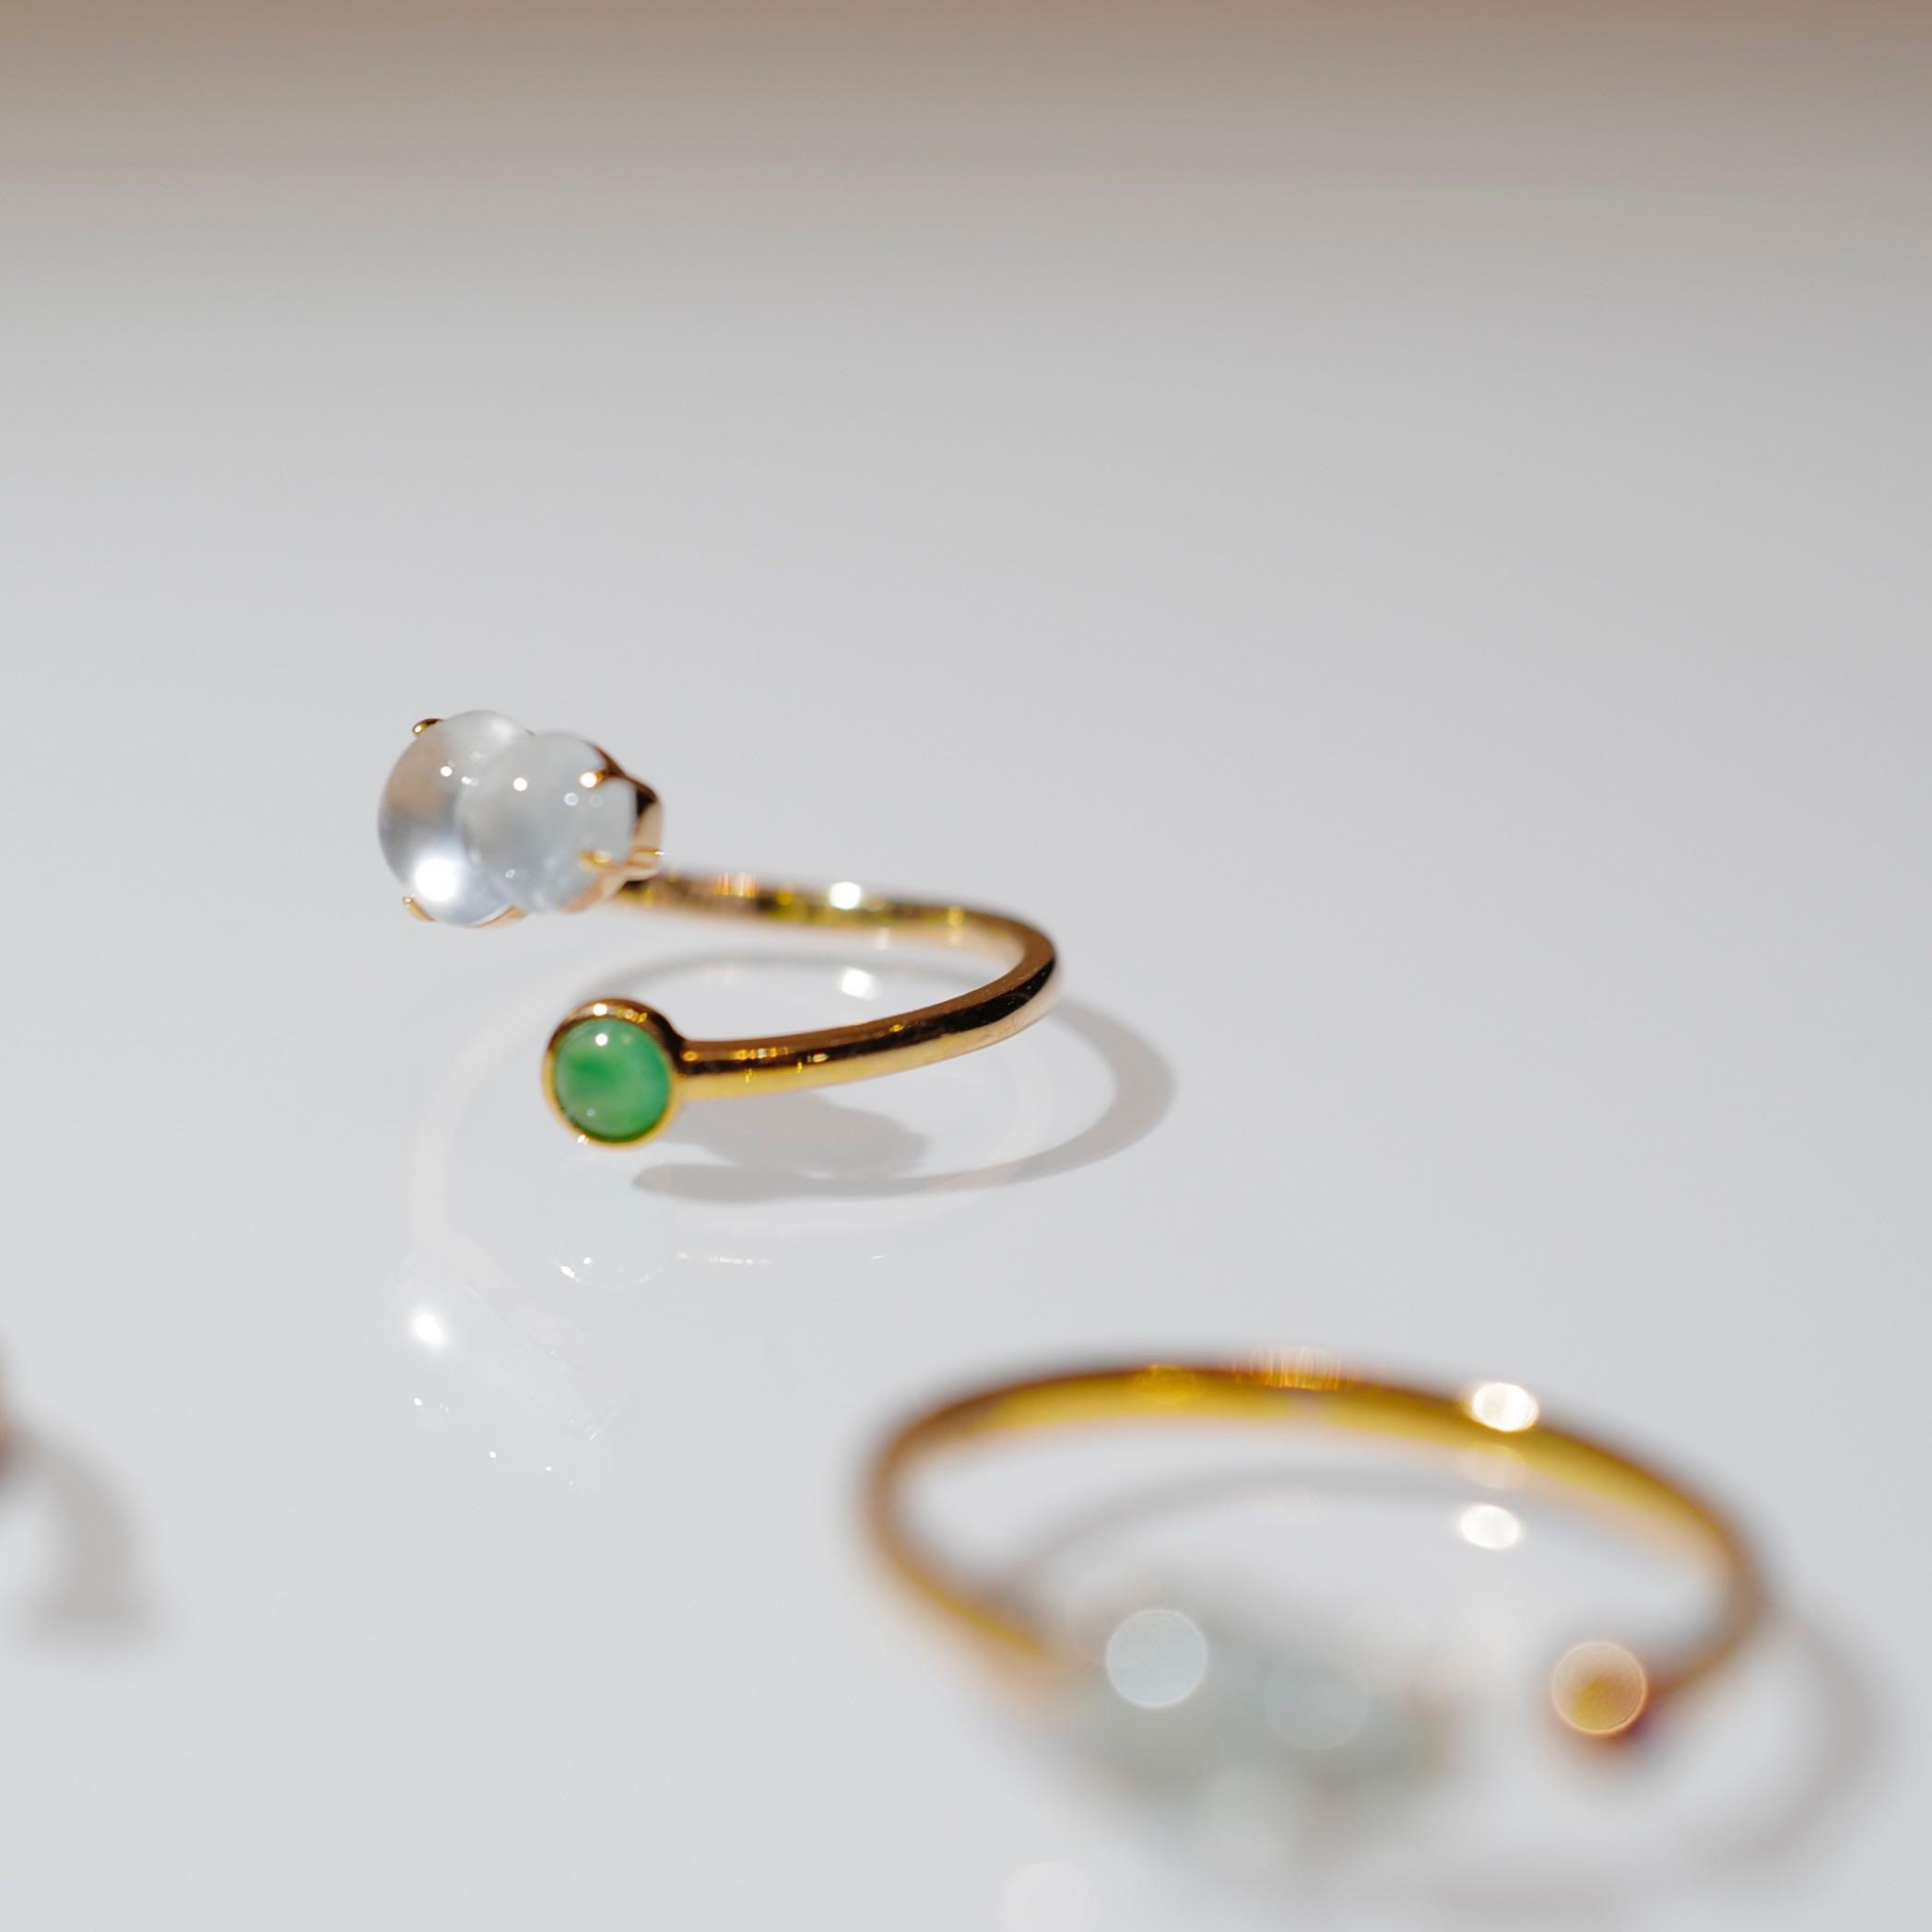 Il s'agit certainement d'une espèce de glace de jade bien-être flottant anneau de gourde fleur 18k tache d'or